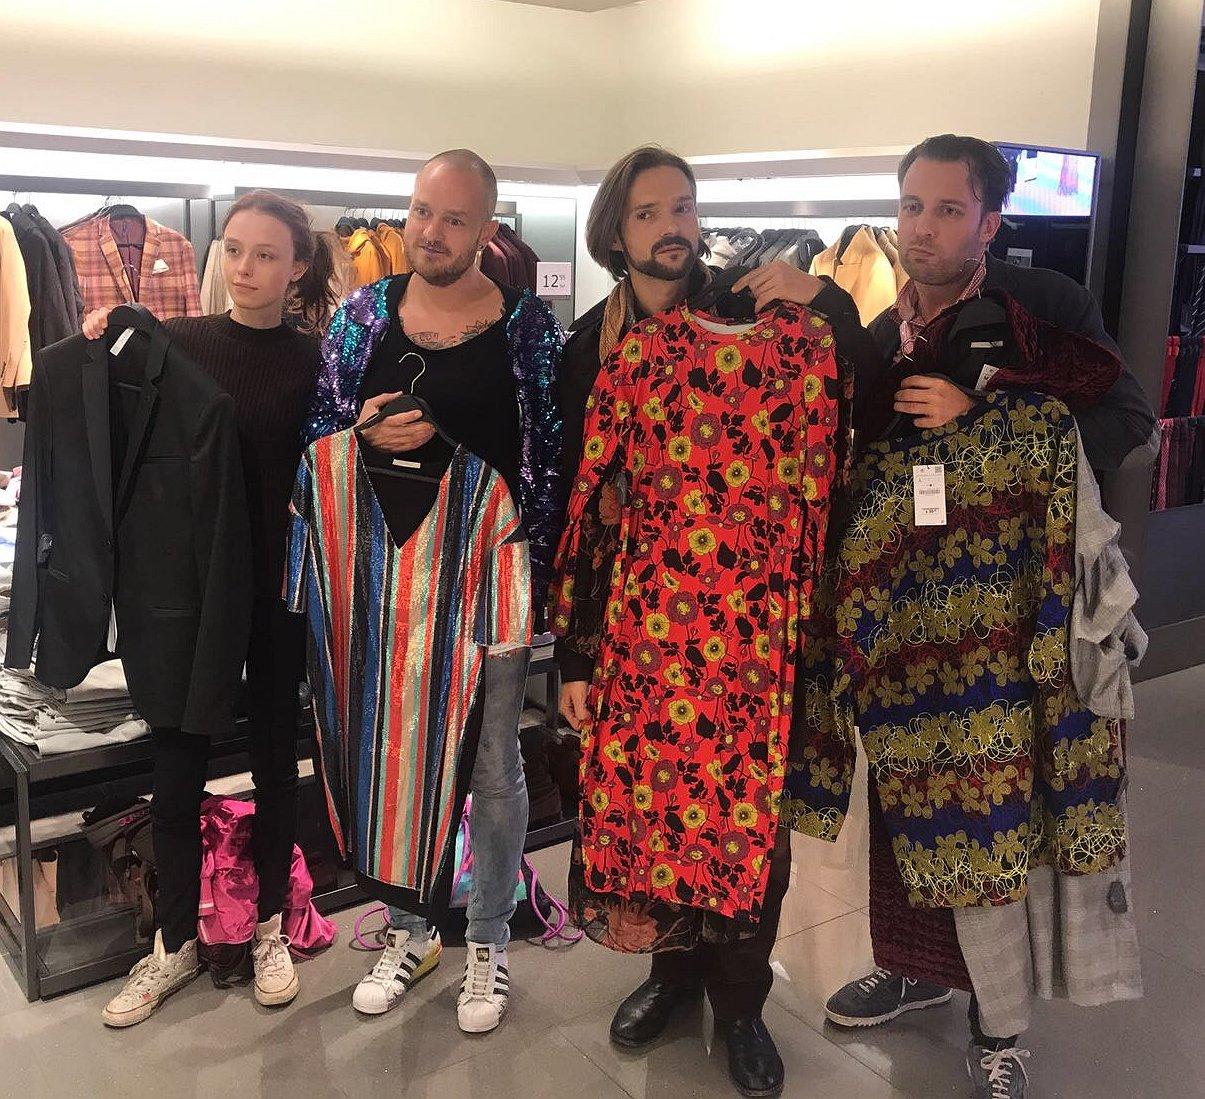 Actie tegen Zara: deze mannen passen jurken op de vrouwenafdeling